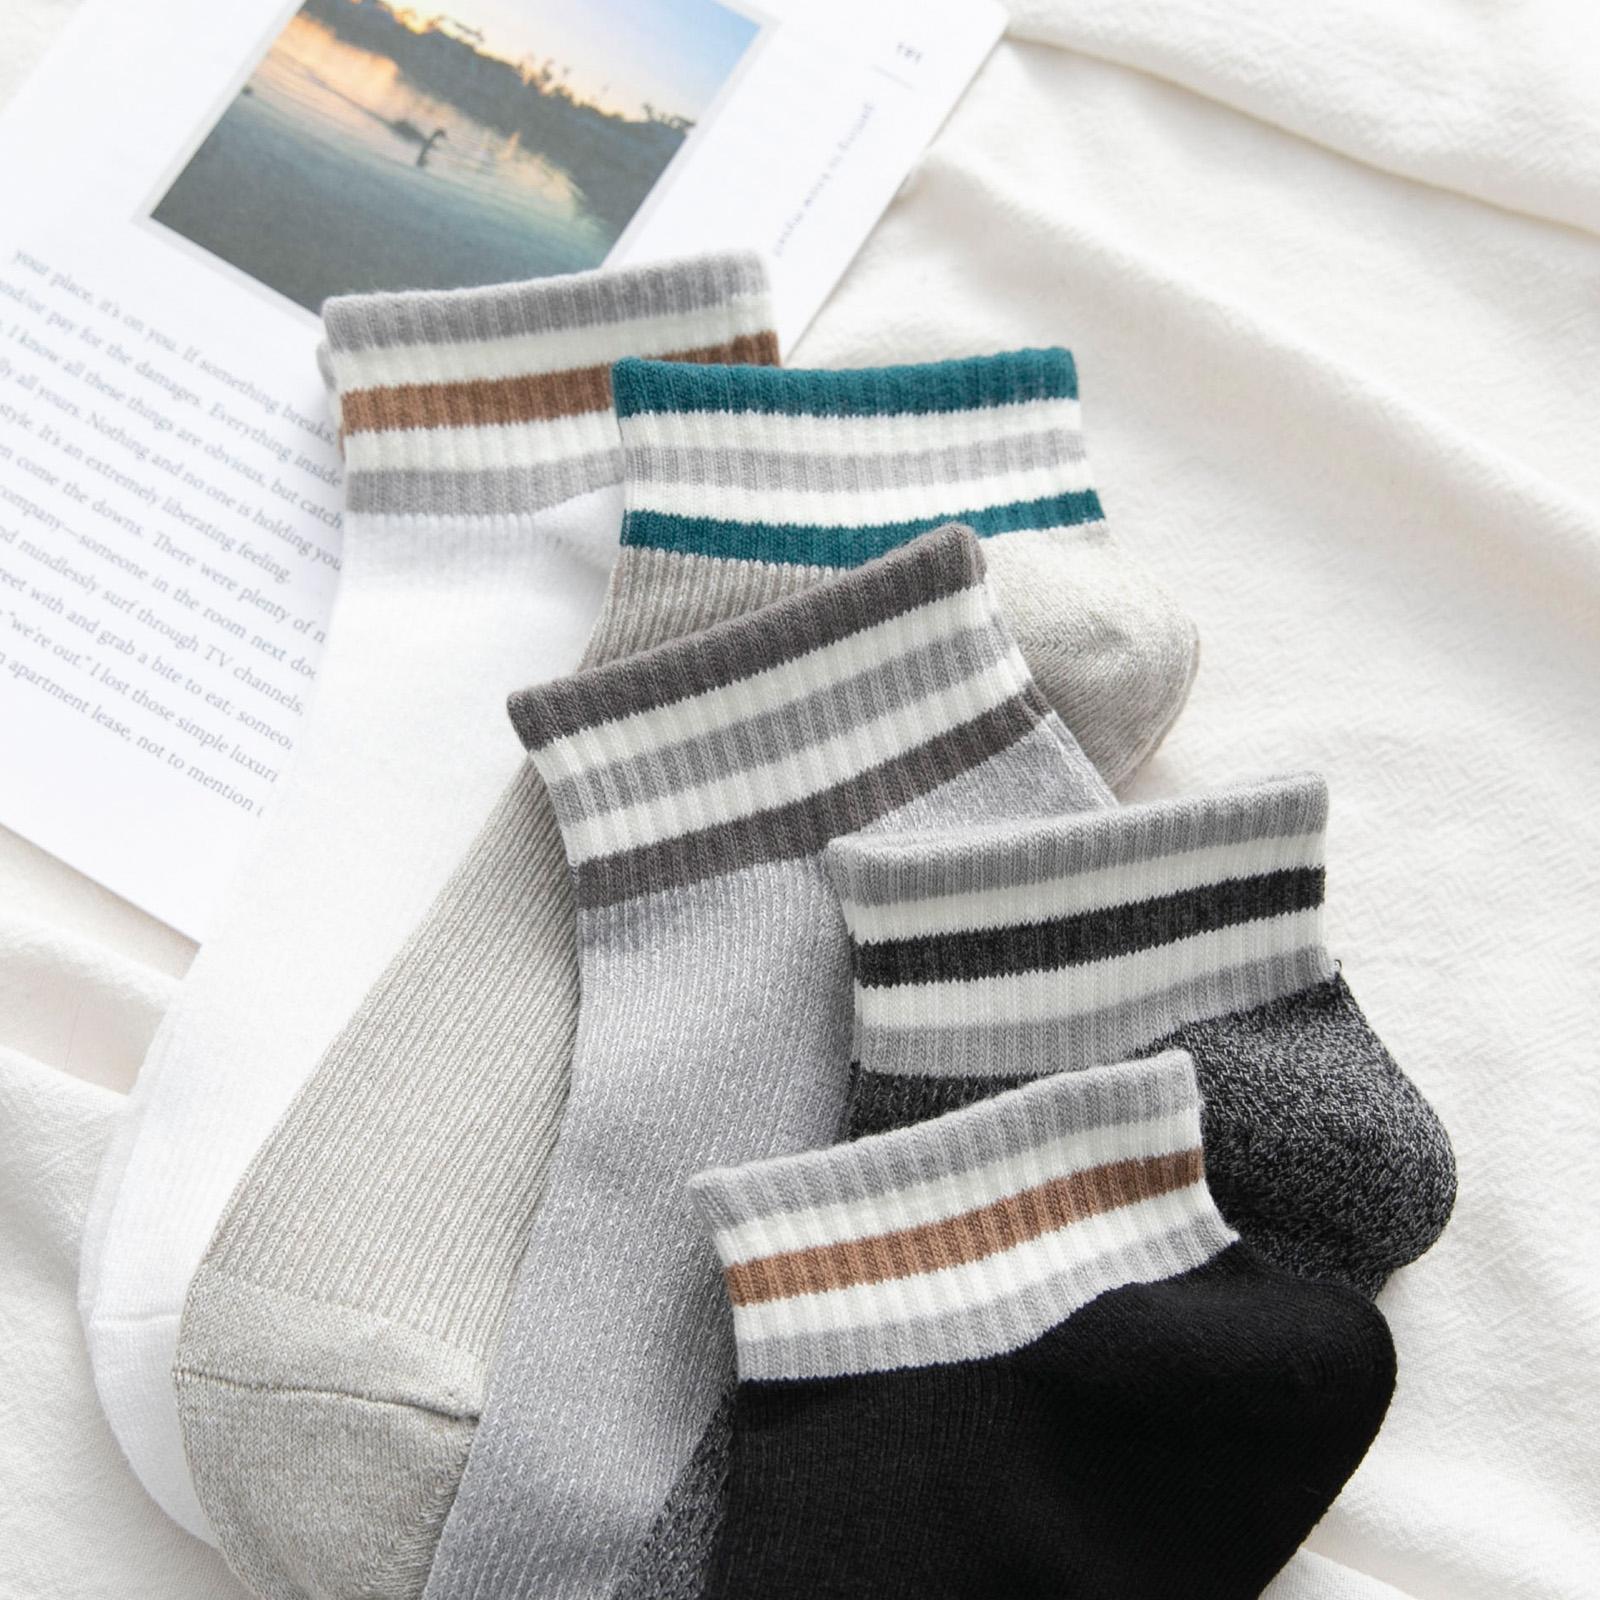 袜子男士ins潮流短袜中筒袜低帮纯棉袜防臭吸汗全棉夏天薄款透气